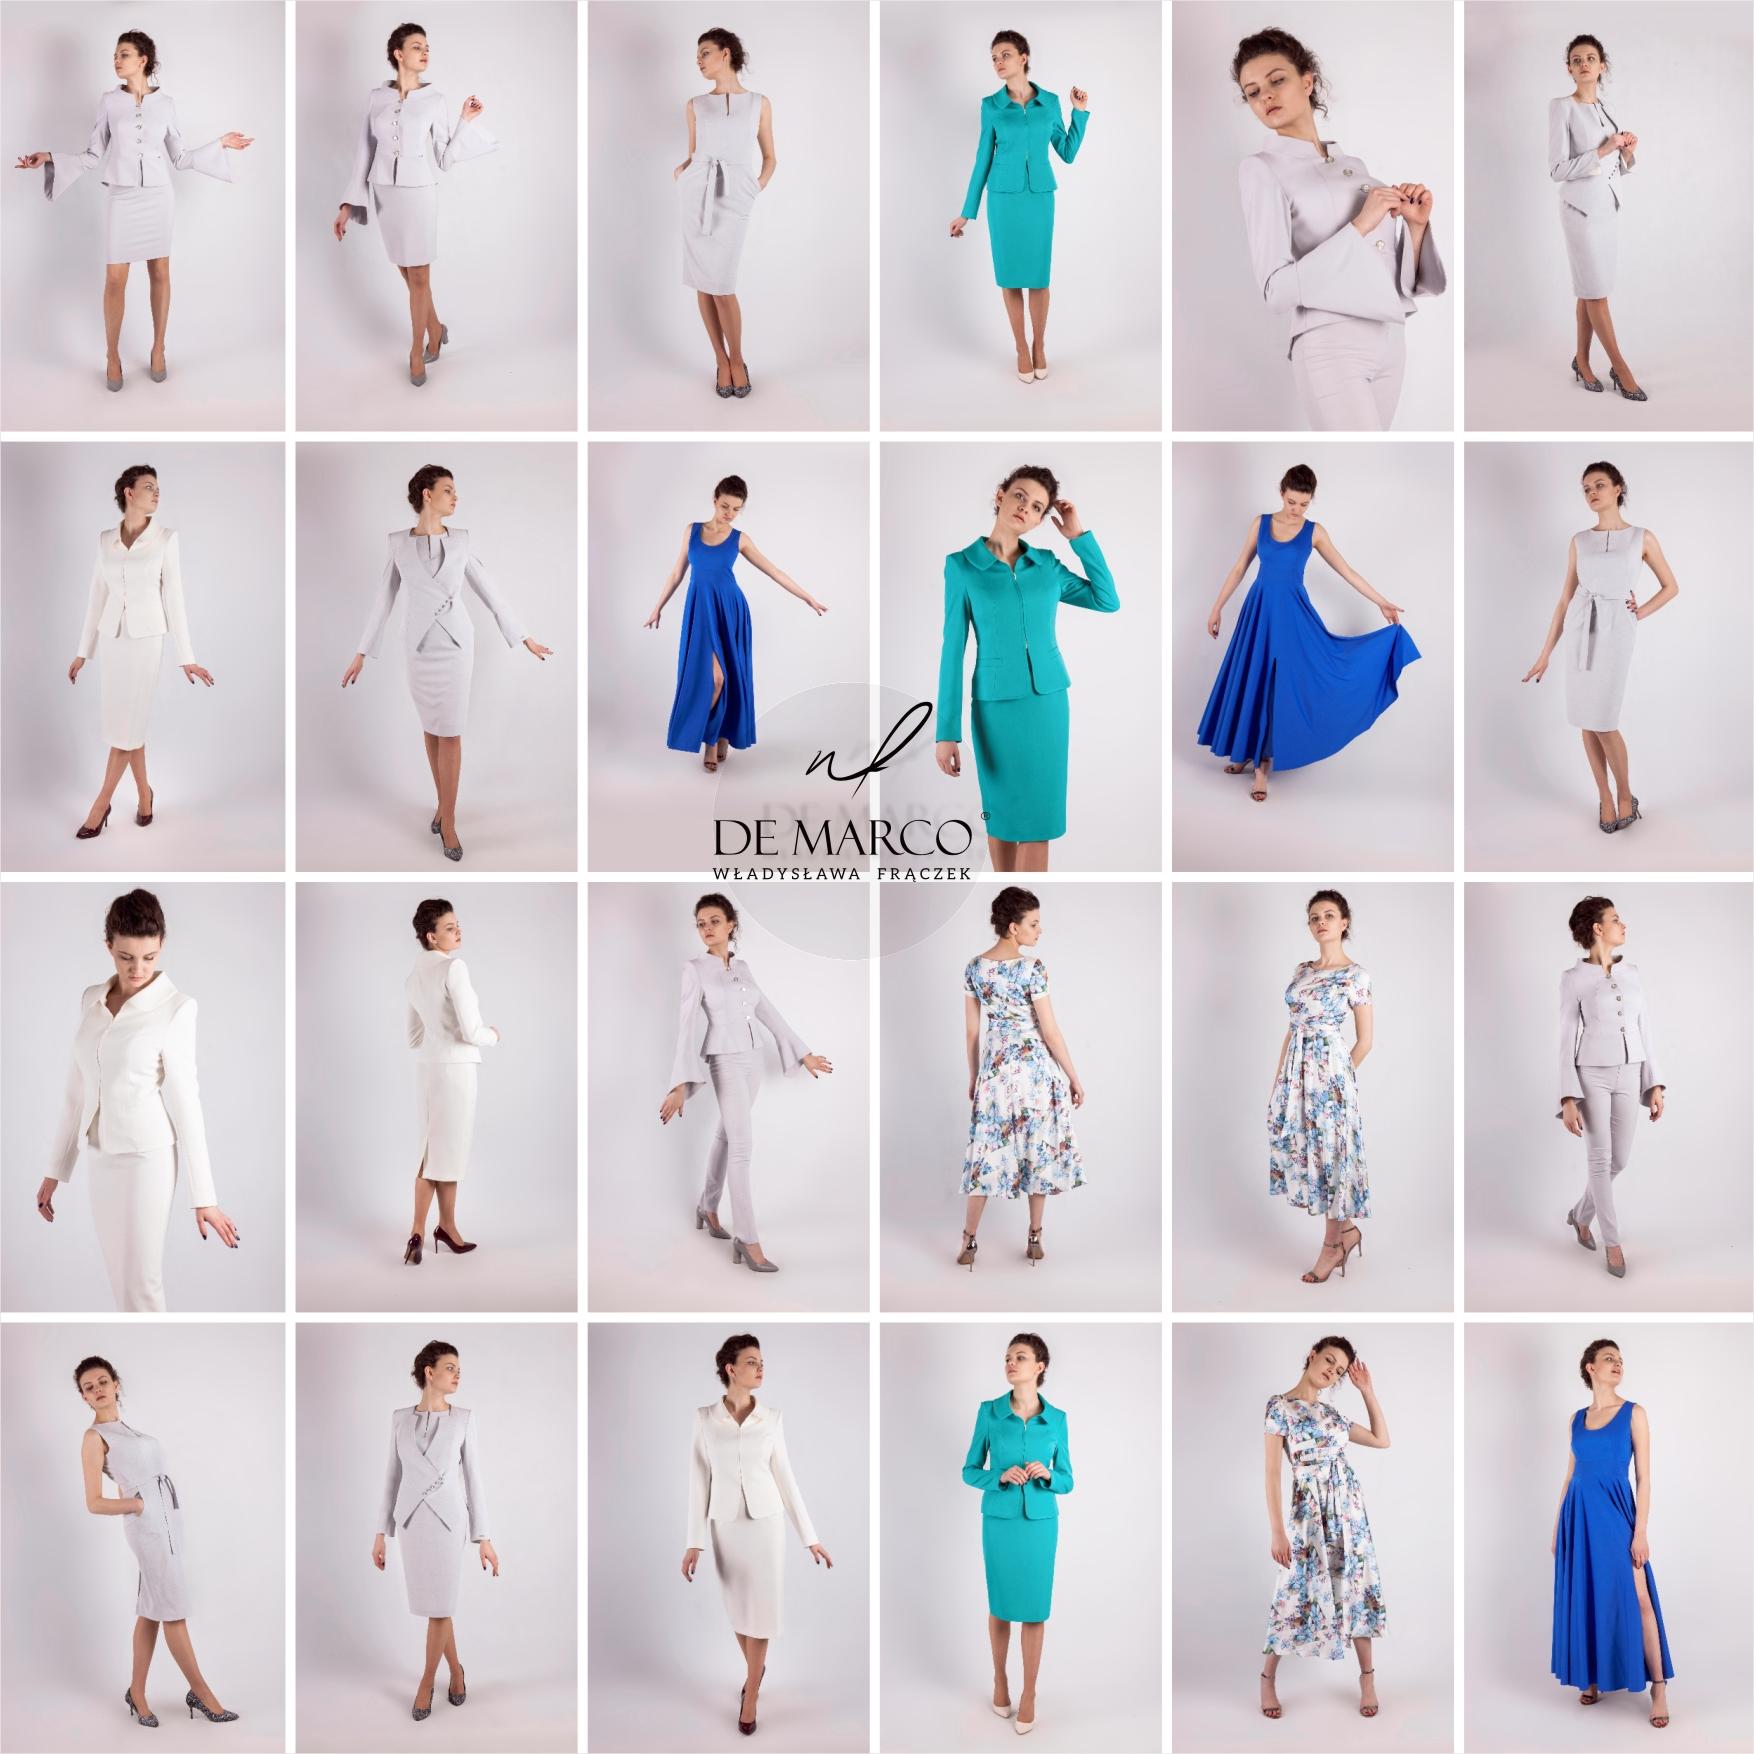 Profesjonalne szycie na miarę sukienki biznesowej, weselnej, balowej, wizytowej. Sklep internetowy z ekskluzywną odzieżą damska od projektantki.